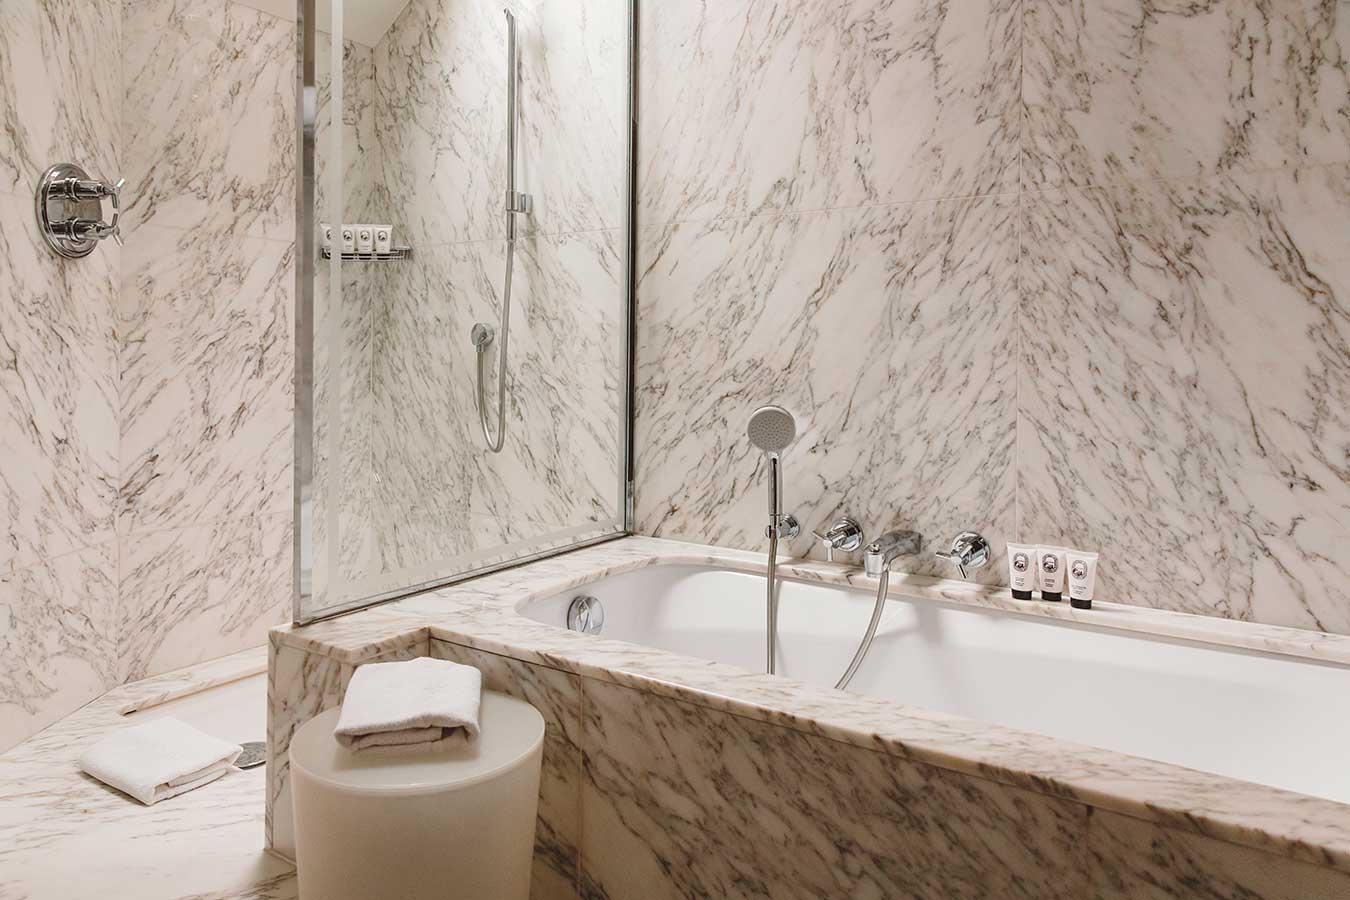 Salle de bain - Baignoire et douche en marbre, fenêtre, produits d'accueil Diptyque